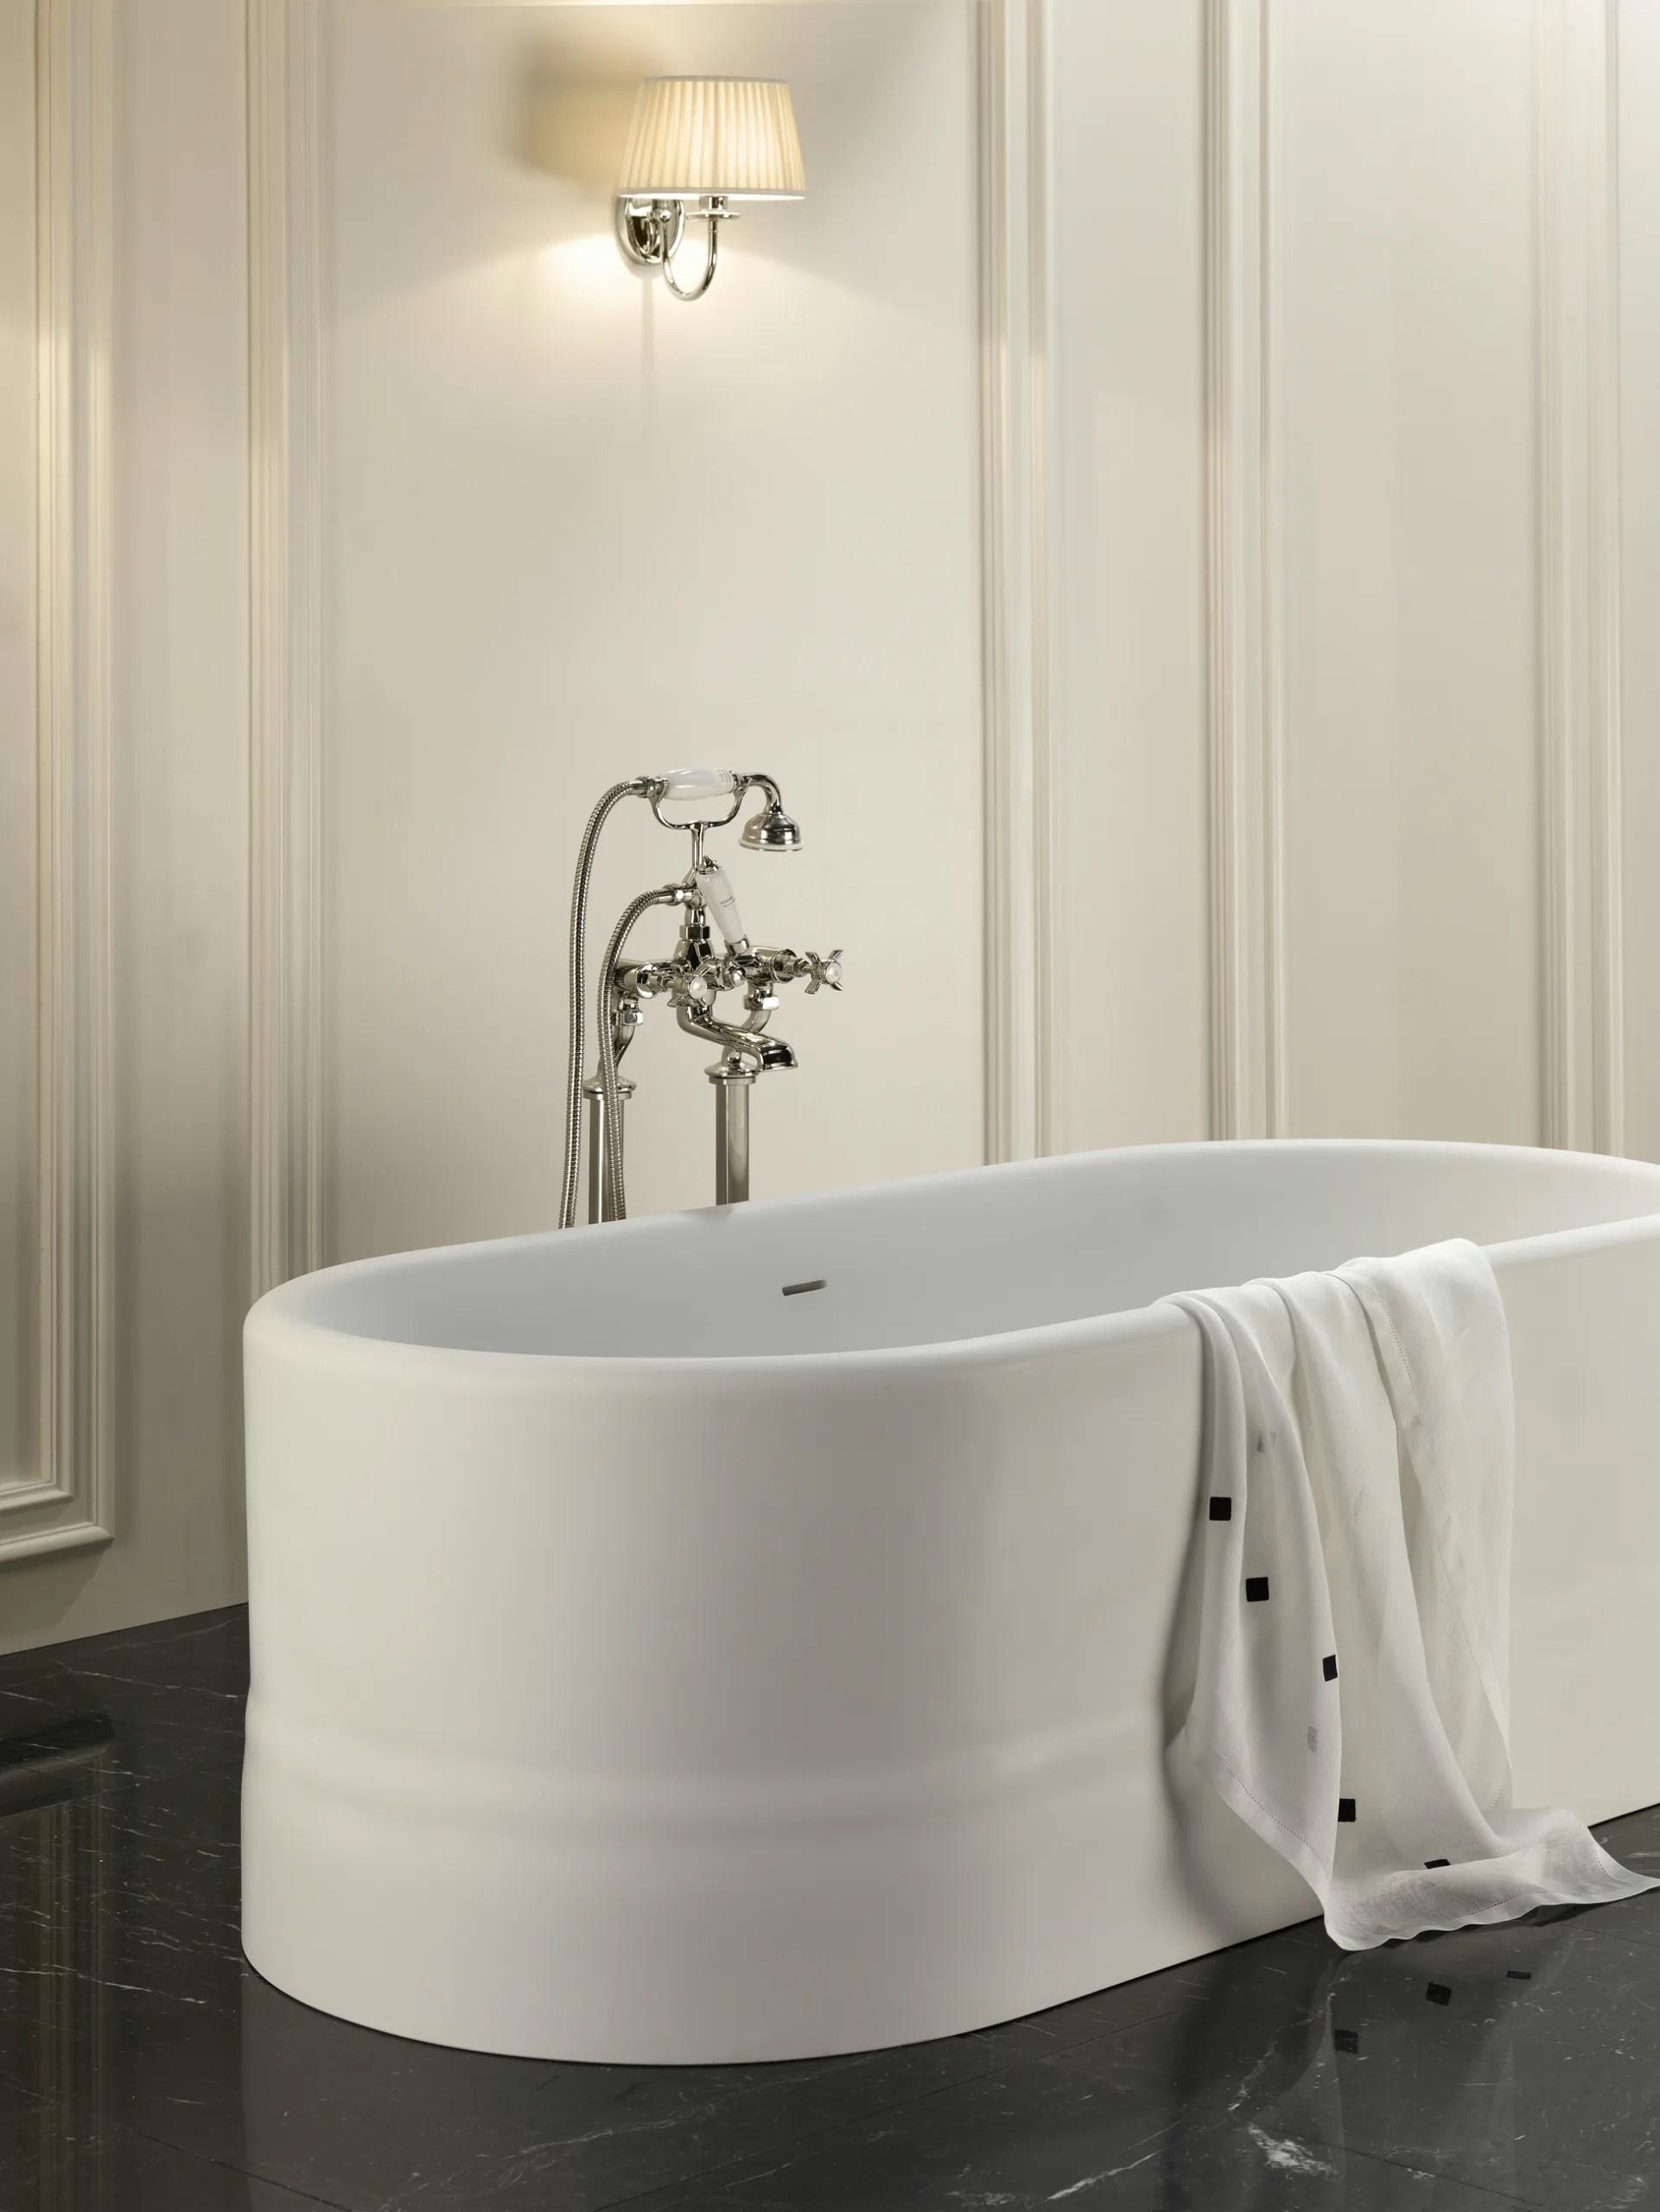 Oval Bathtub DIVA By DevonampDevon